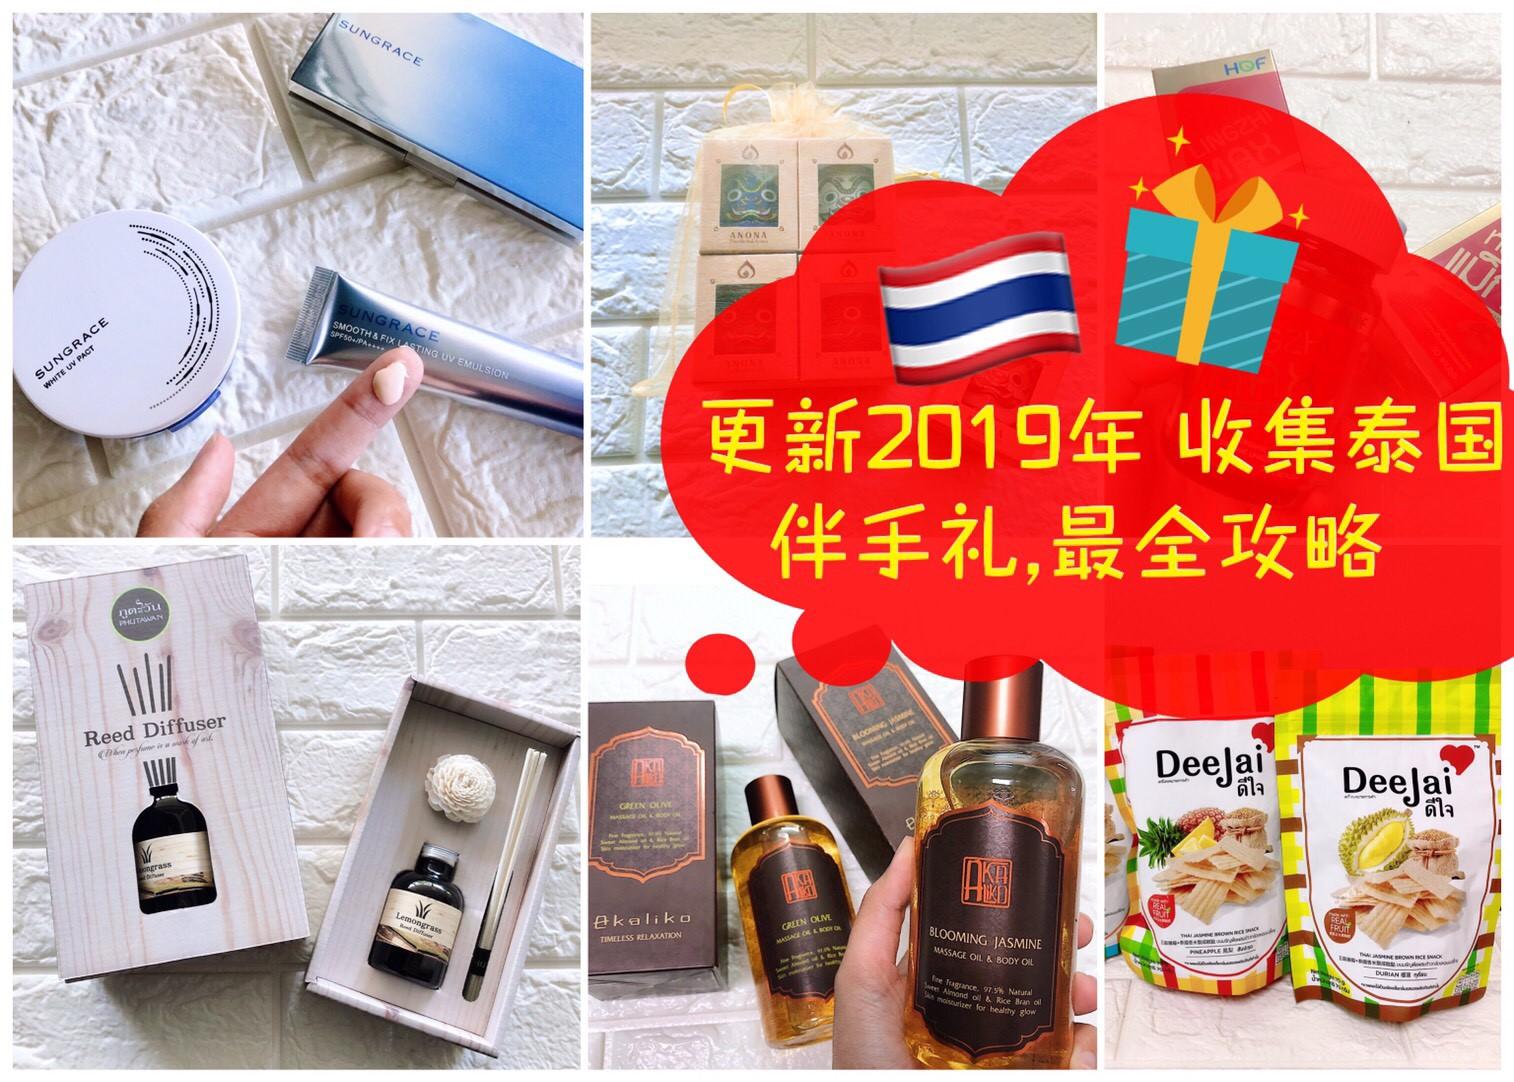 2019年更新泰国伴手礼清单合集